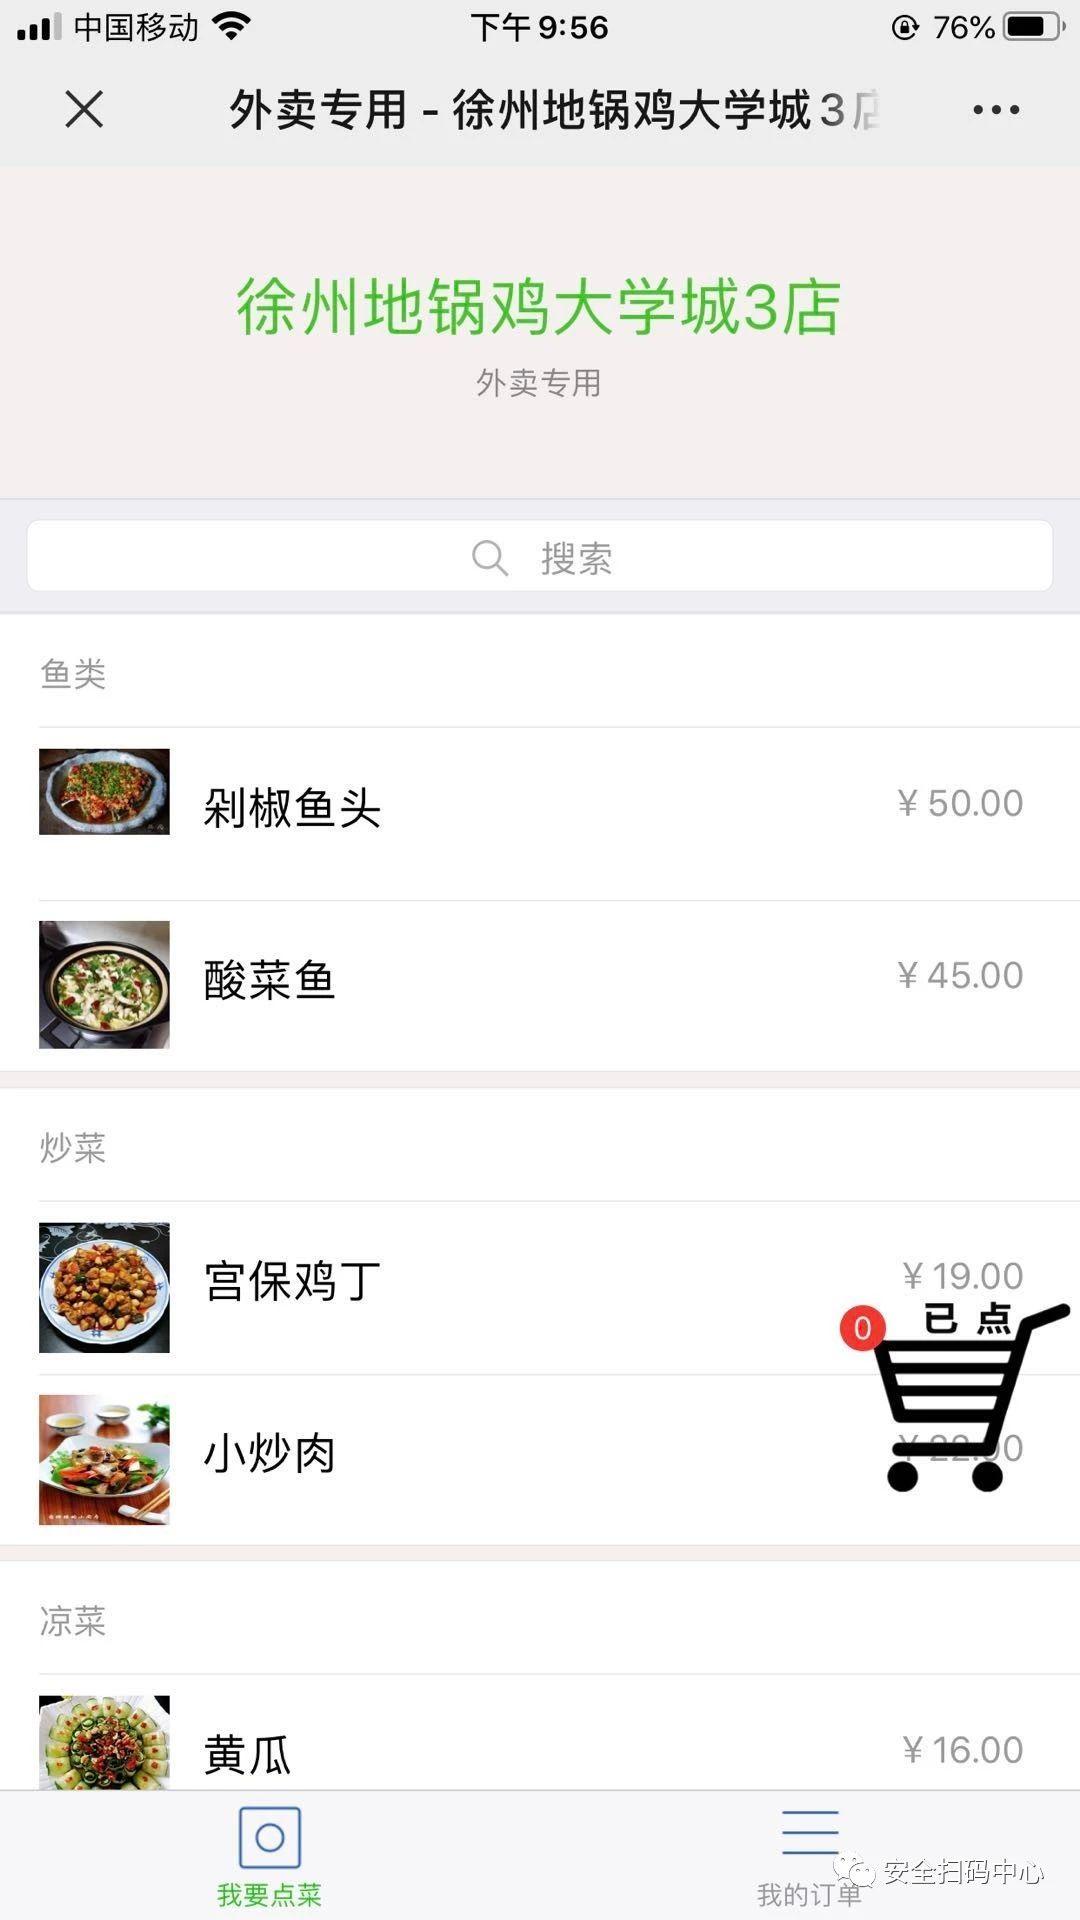 杭州订餐电话_万能码外卖点餐上线,商家食客点赞叫好,无需押金 - 谈股论经 ...